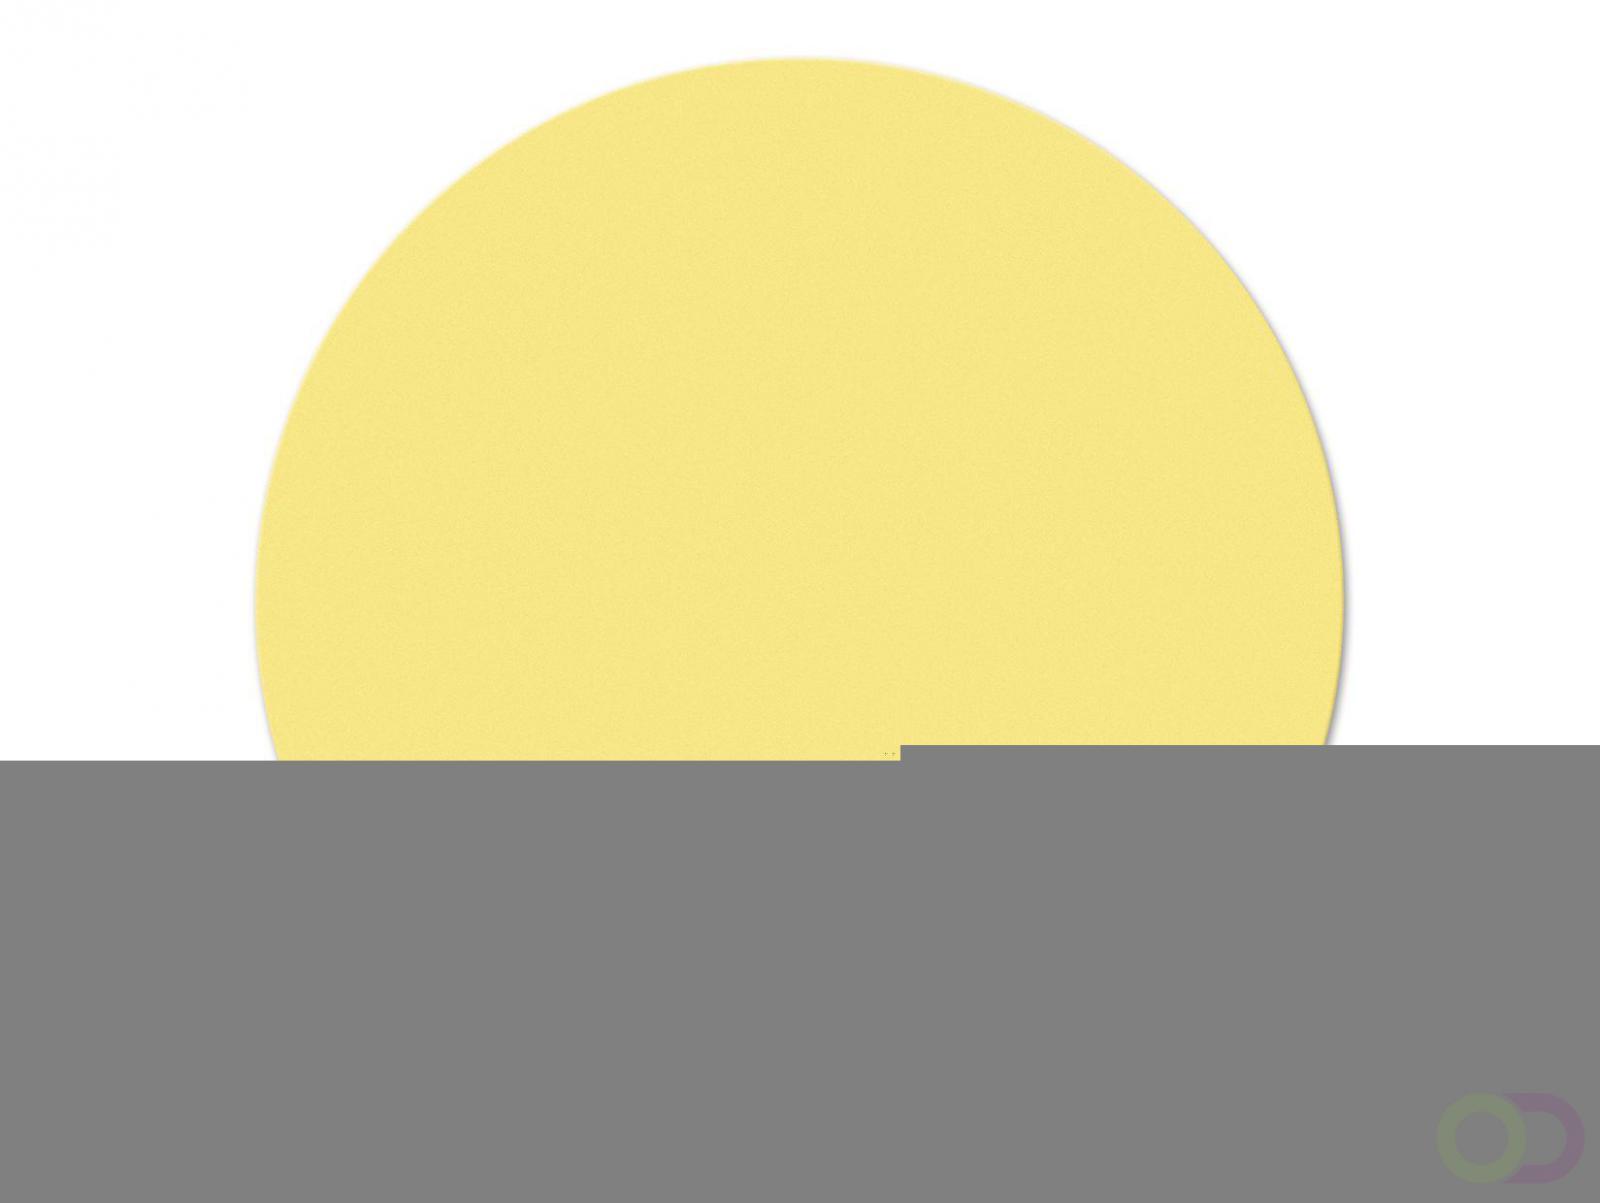 Ronde kaarten 19 cm, 250 stuks geel